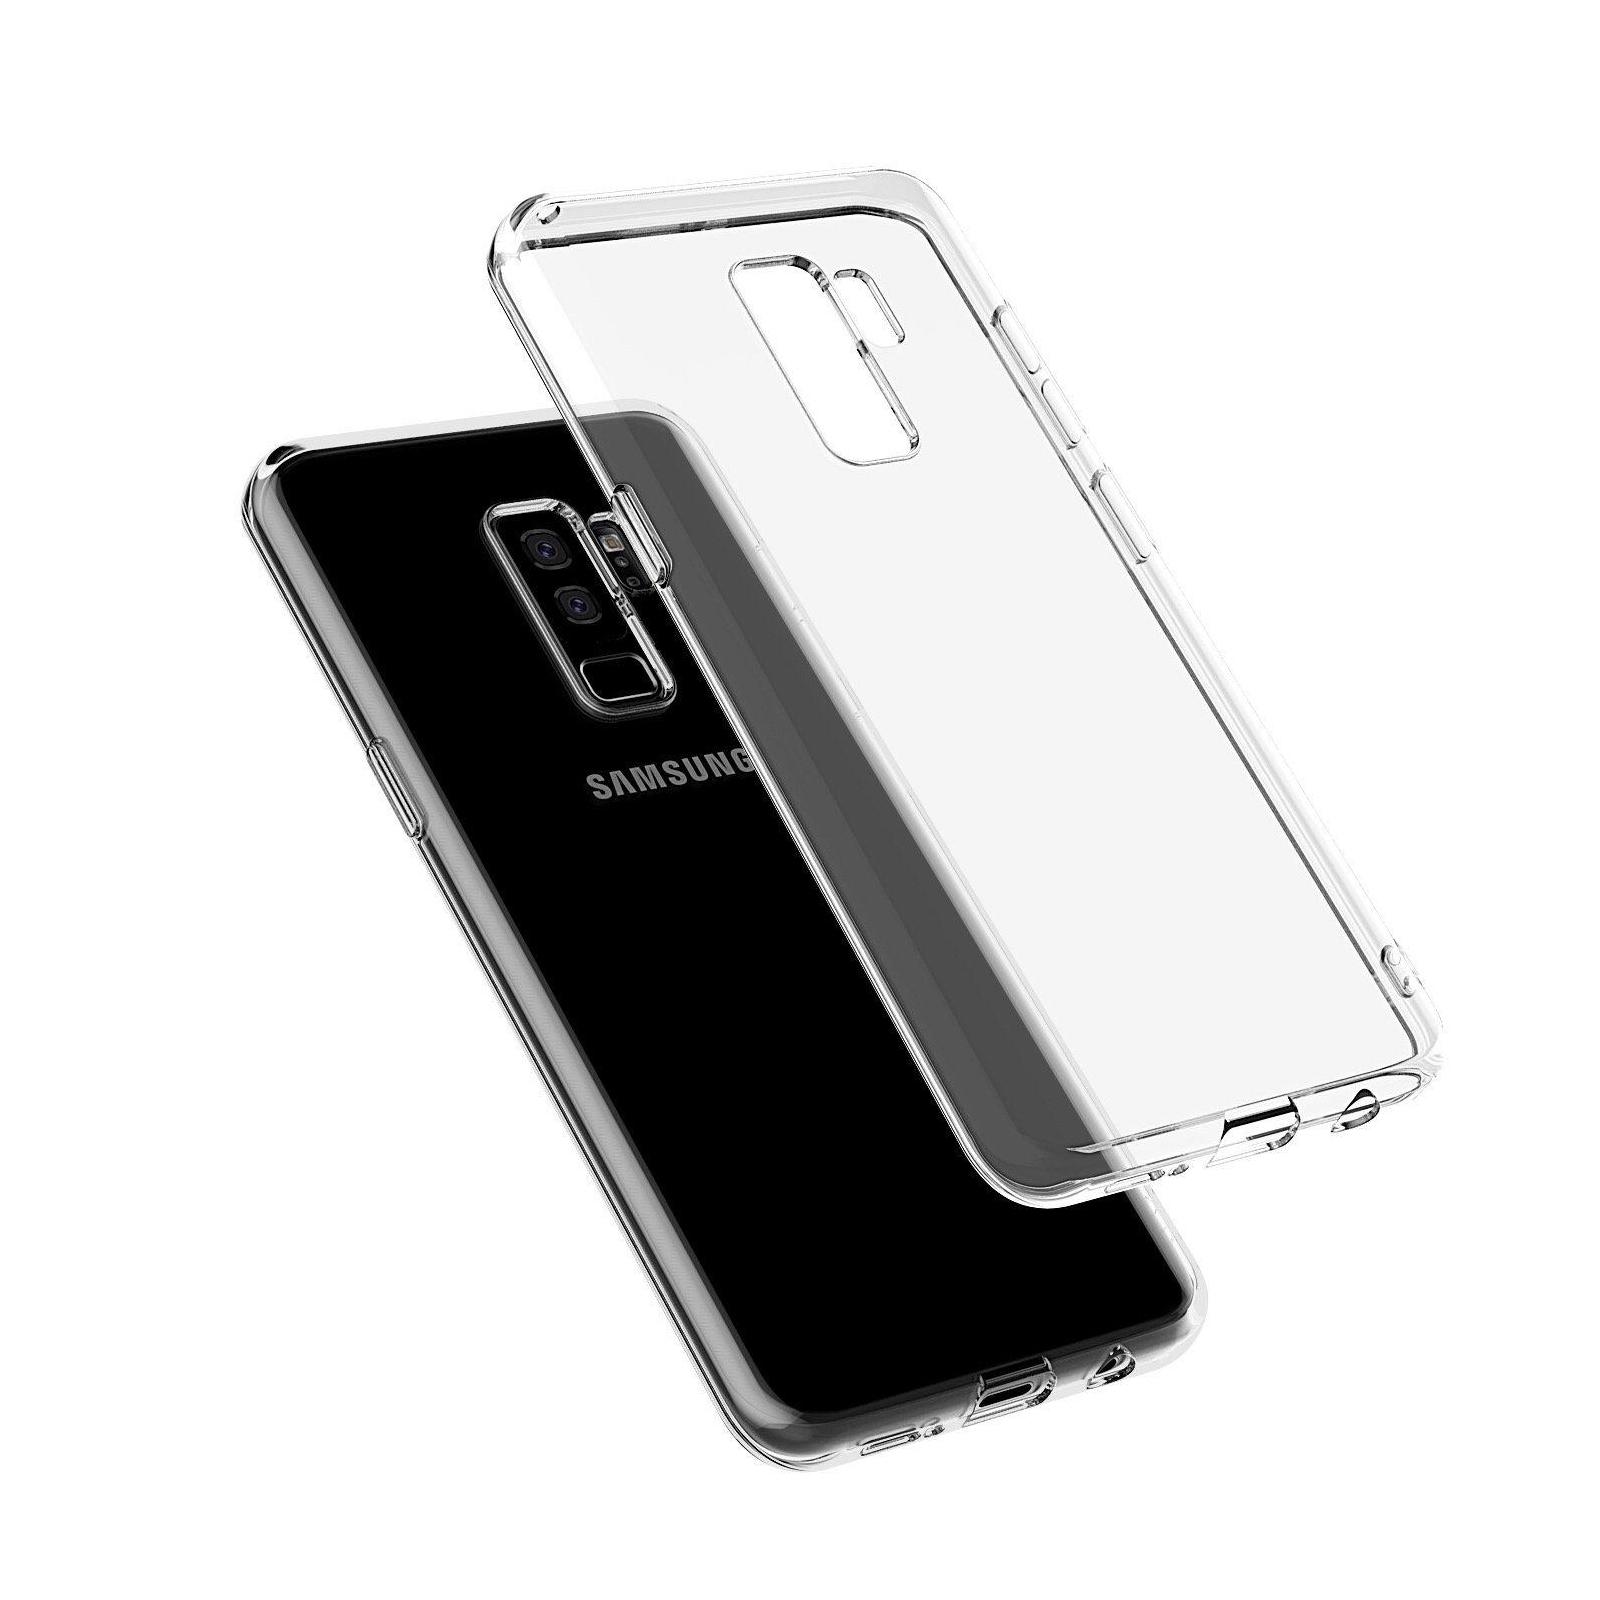 Чехол для моб. телефона Laudtec для SAMSUNG Galaxy S9 Plus Clear tpu (Transperent) (LC-GS9PB) изображение 4